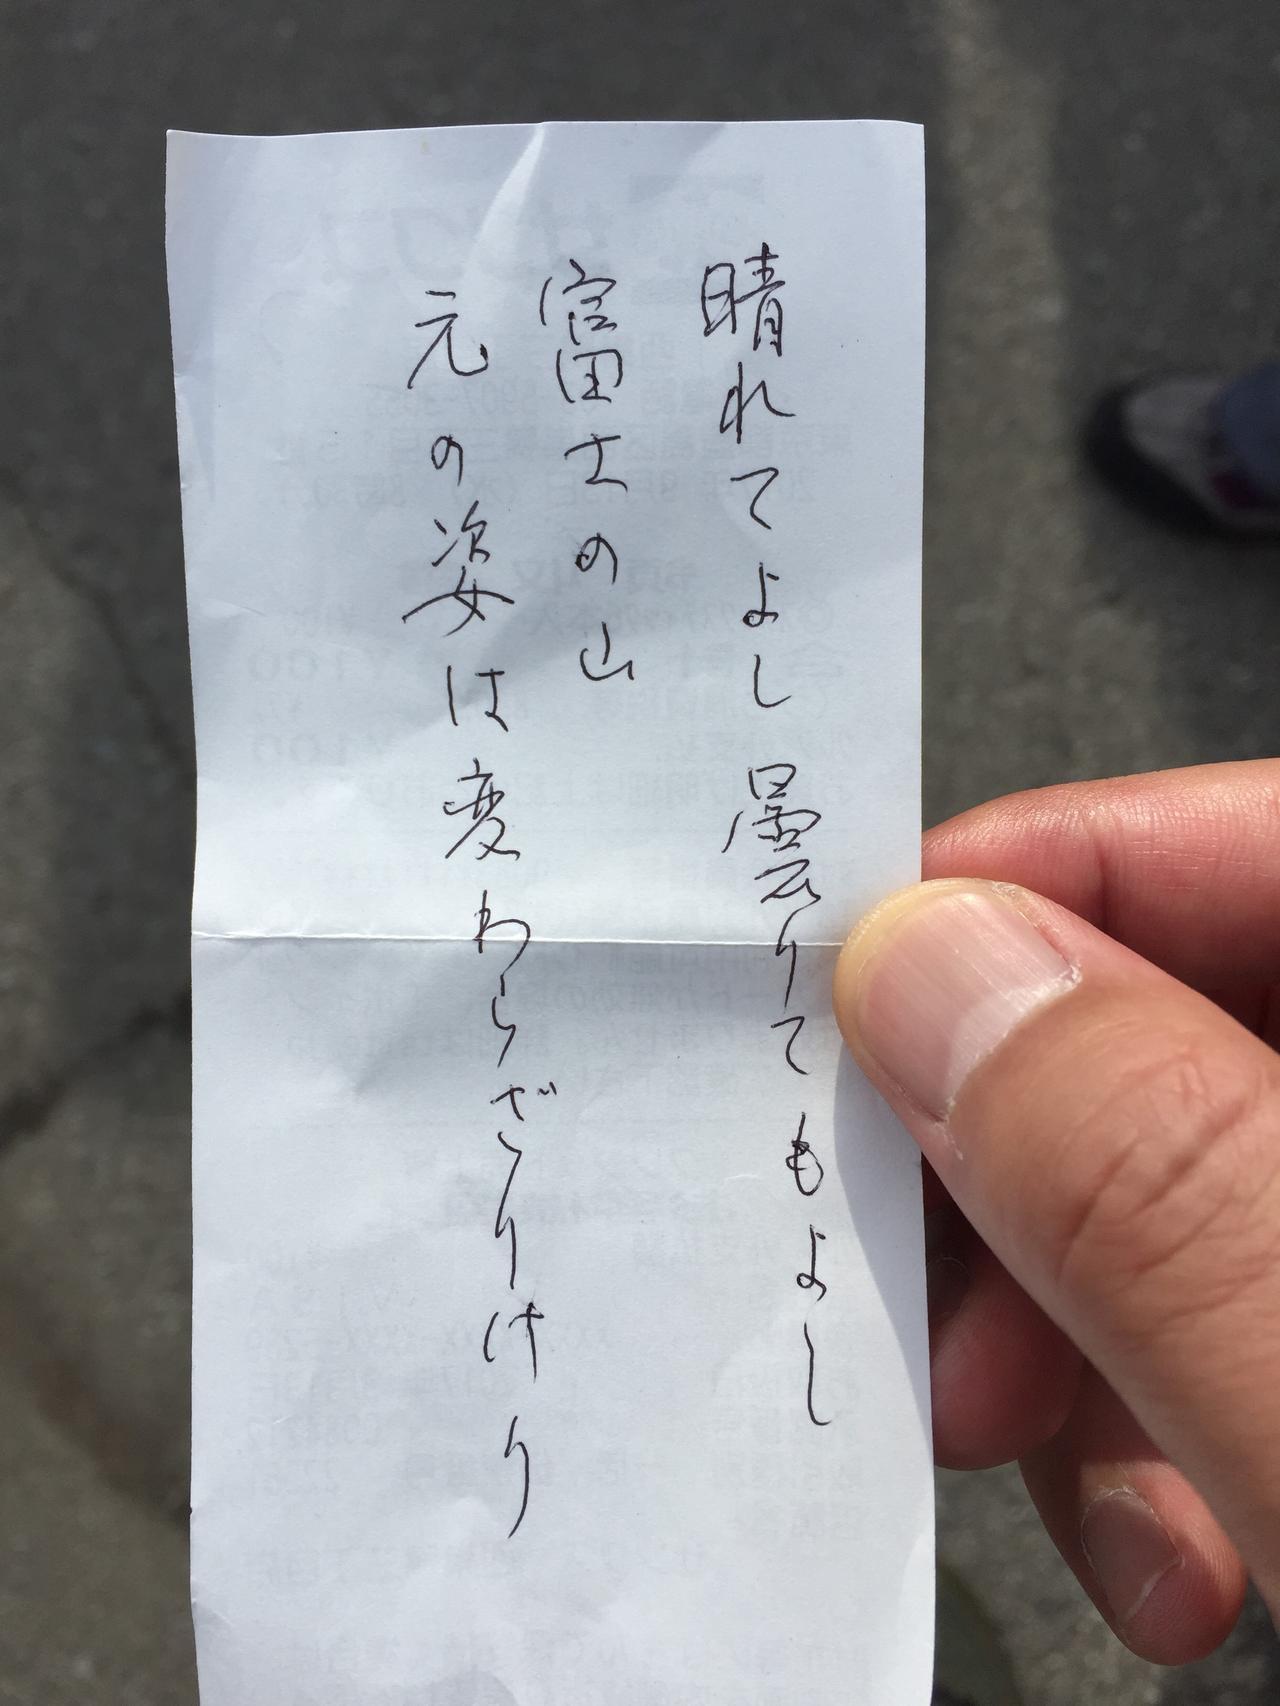 画像14: 【あるく・シリーズツアー】 富士山すそ野ぐるり一周ウォーク 第1回をご紹介します。